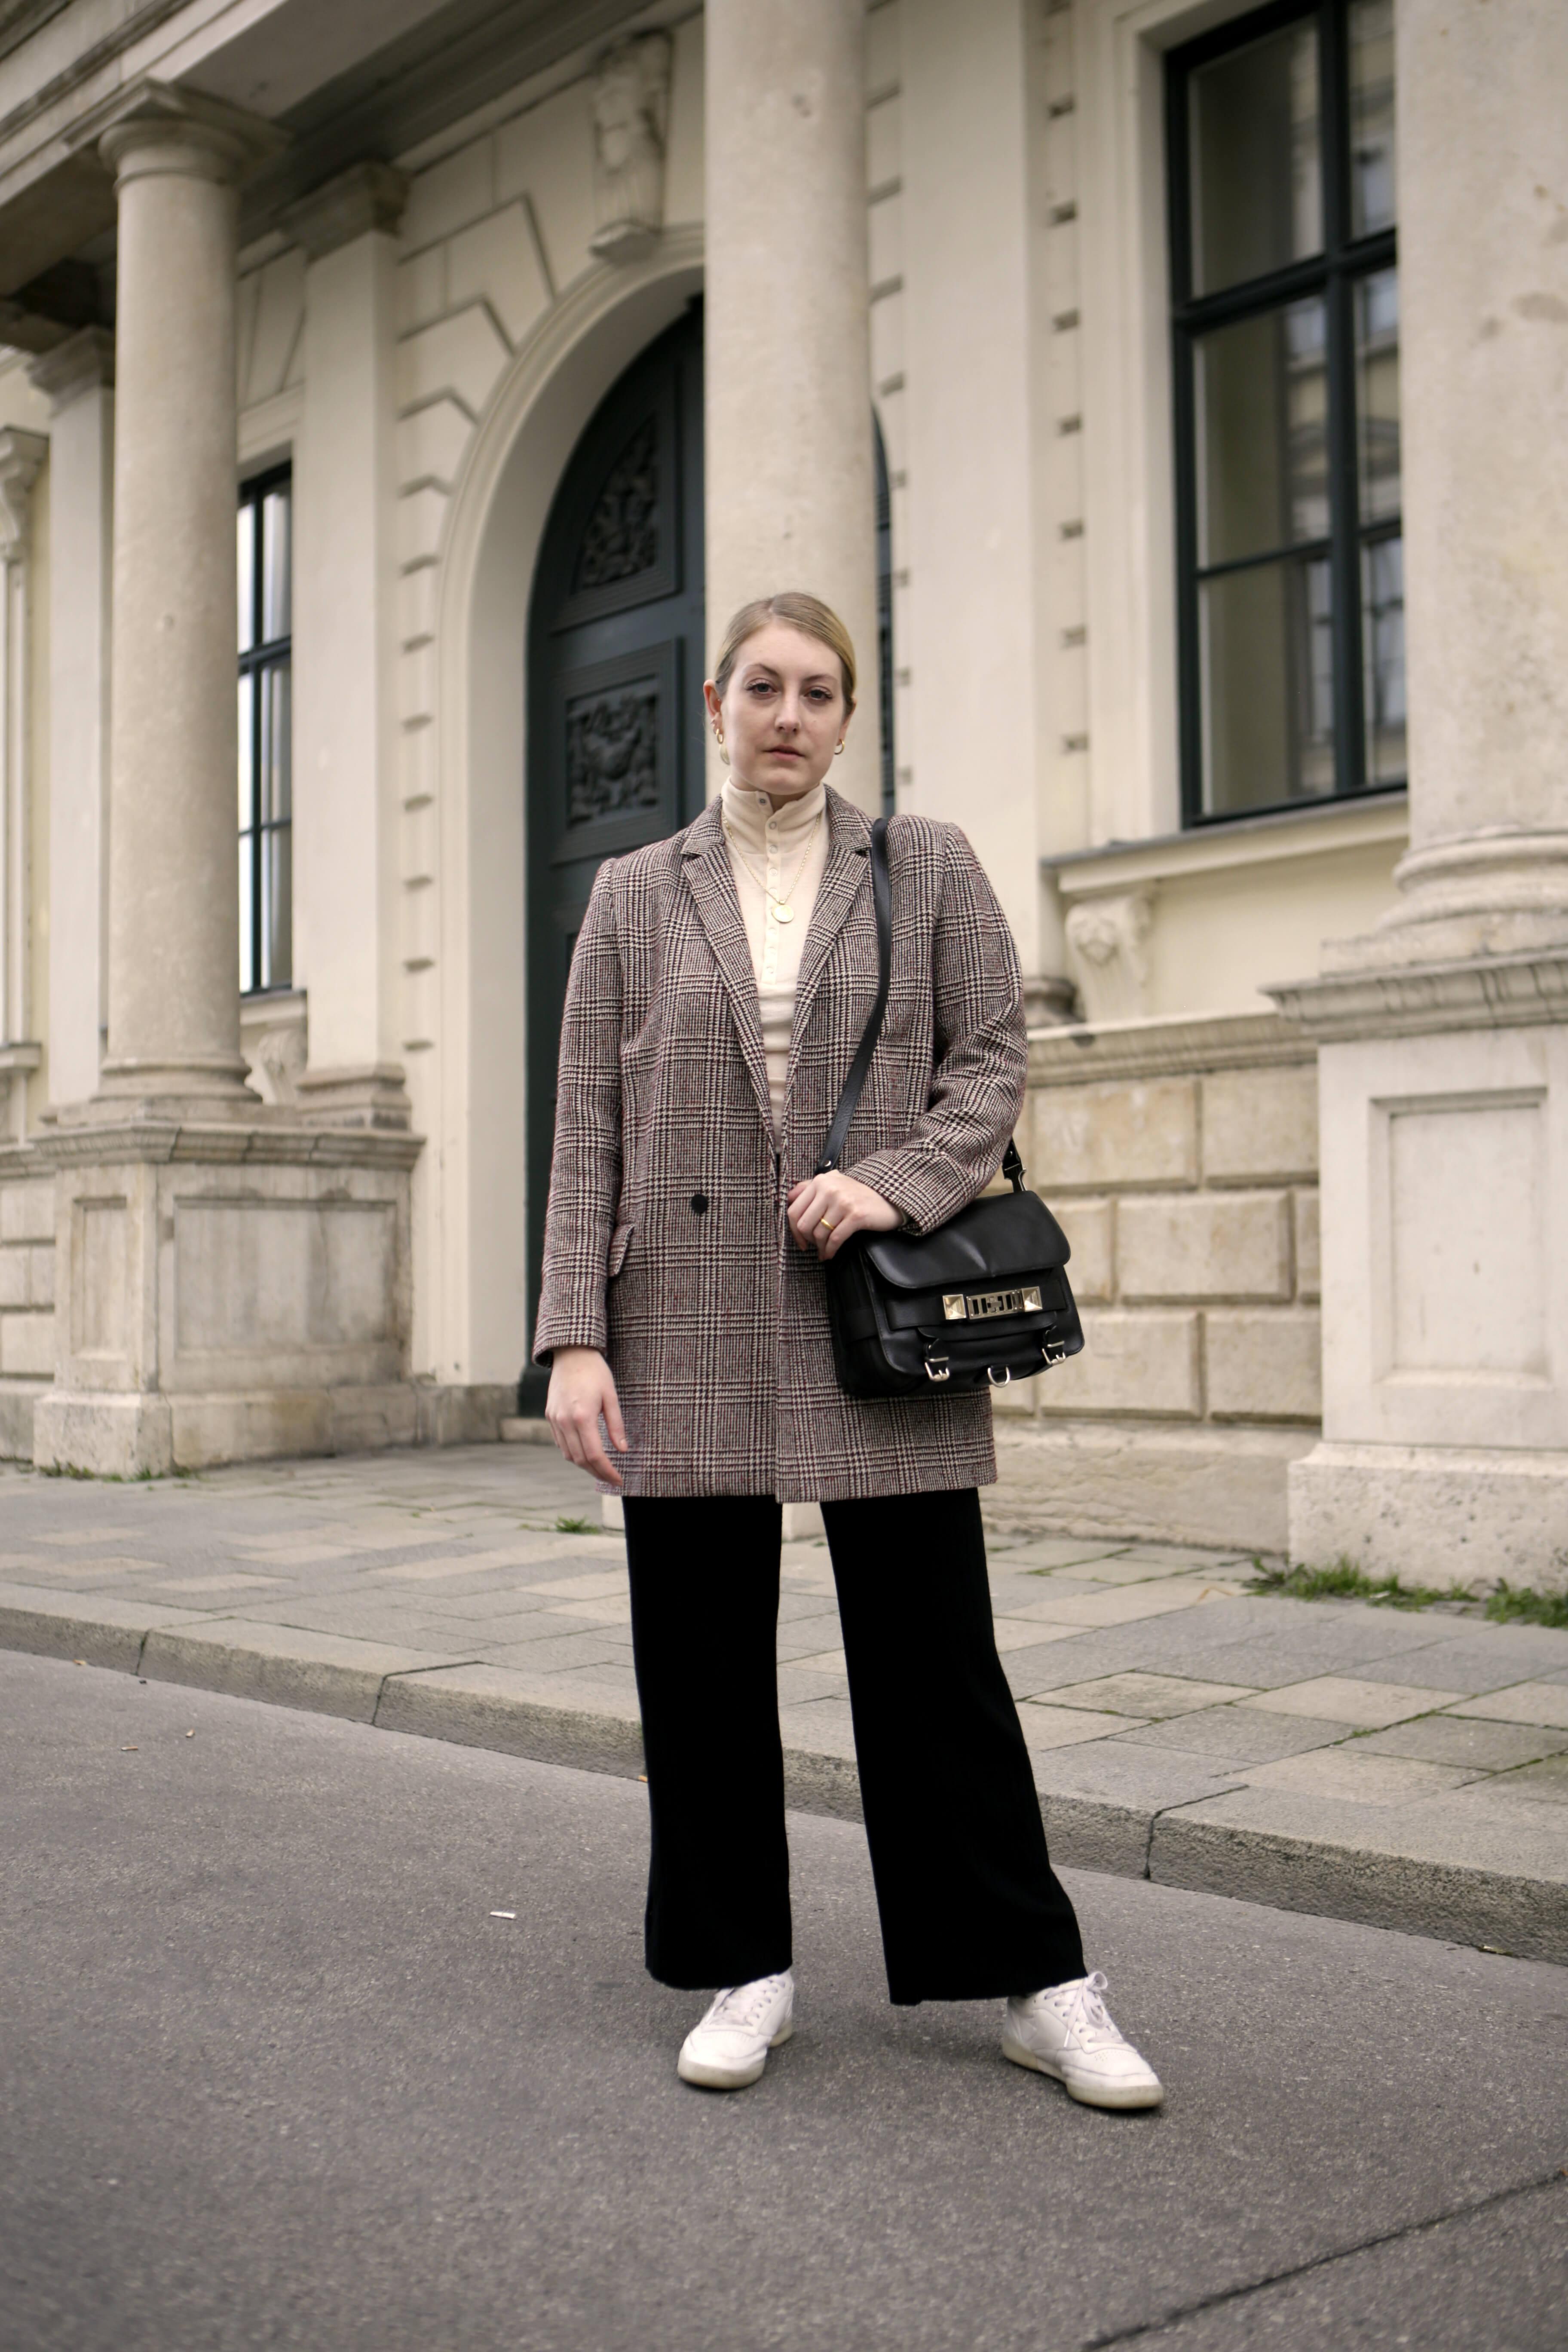 Wie trägt man einen Karomantel richtig?